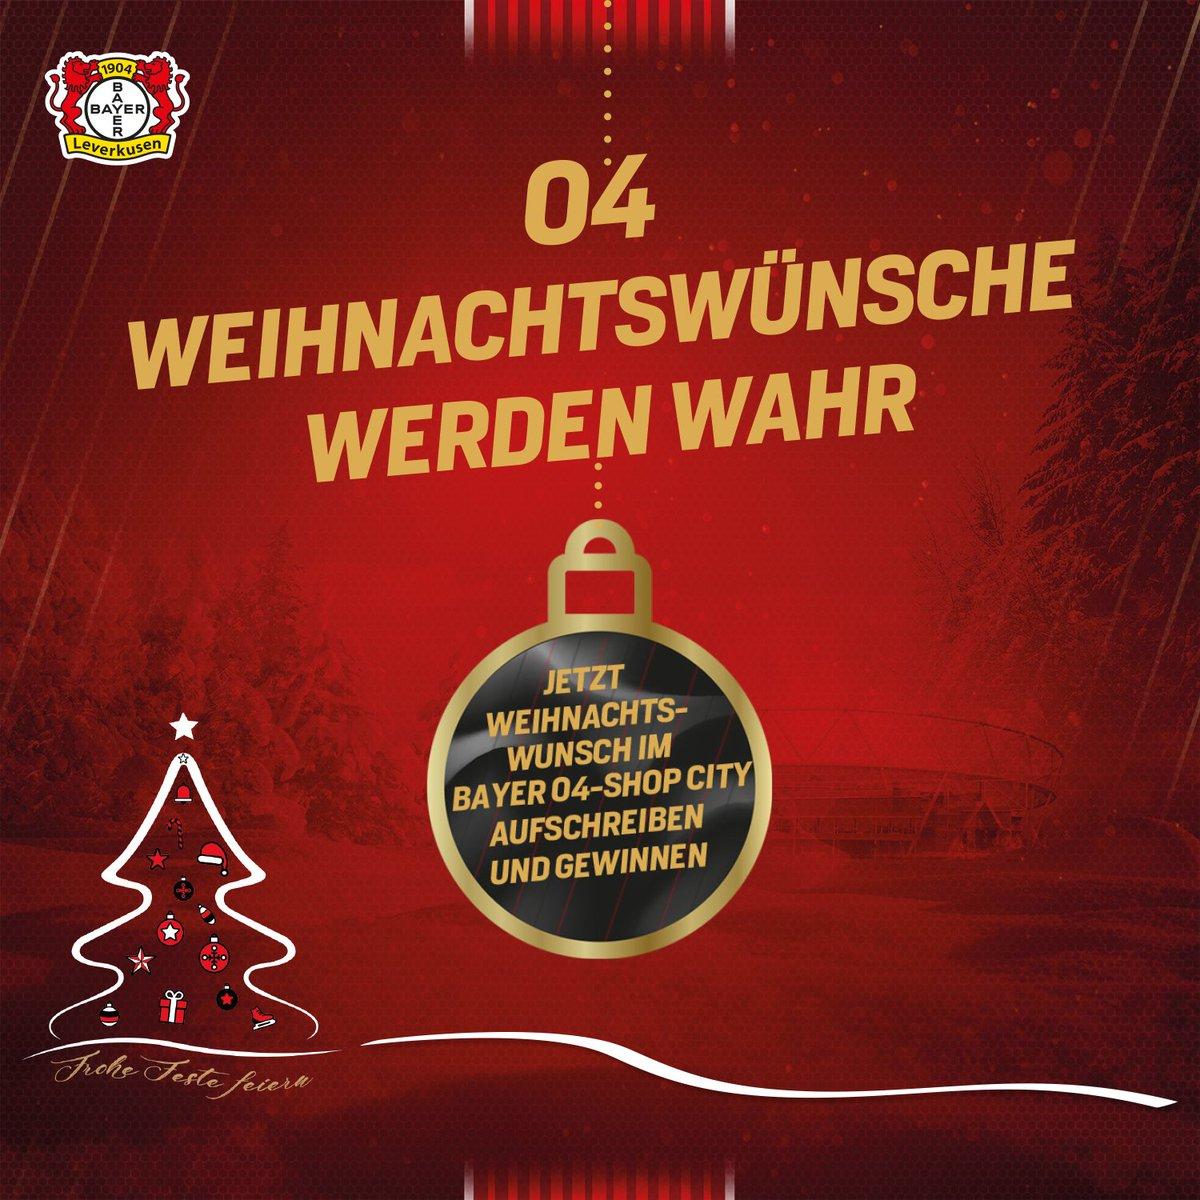 Vor Weihnachtswünsche.Bayer 04 Leverkusen On Twitter Bayer04 Macht 04